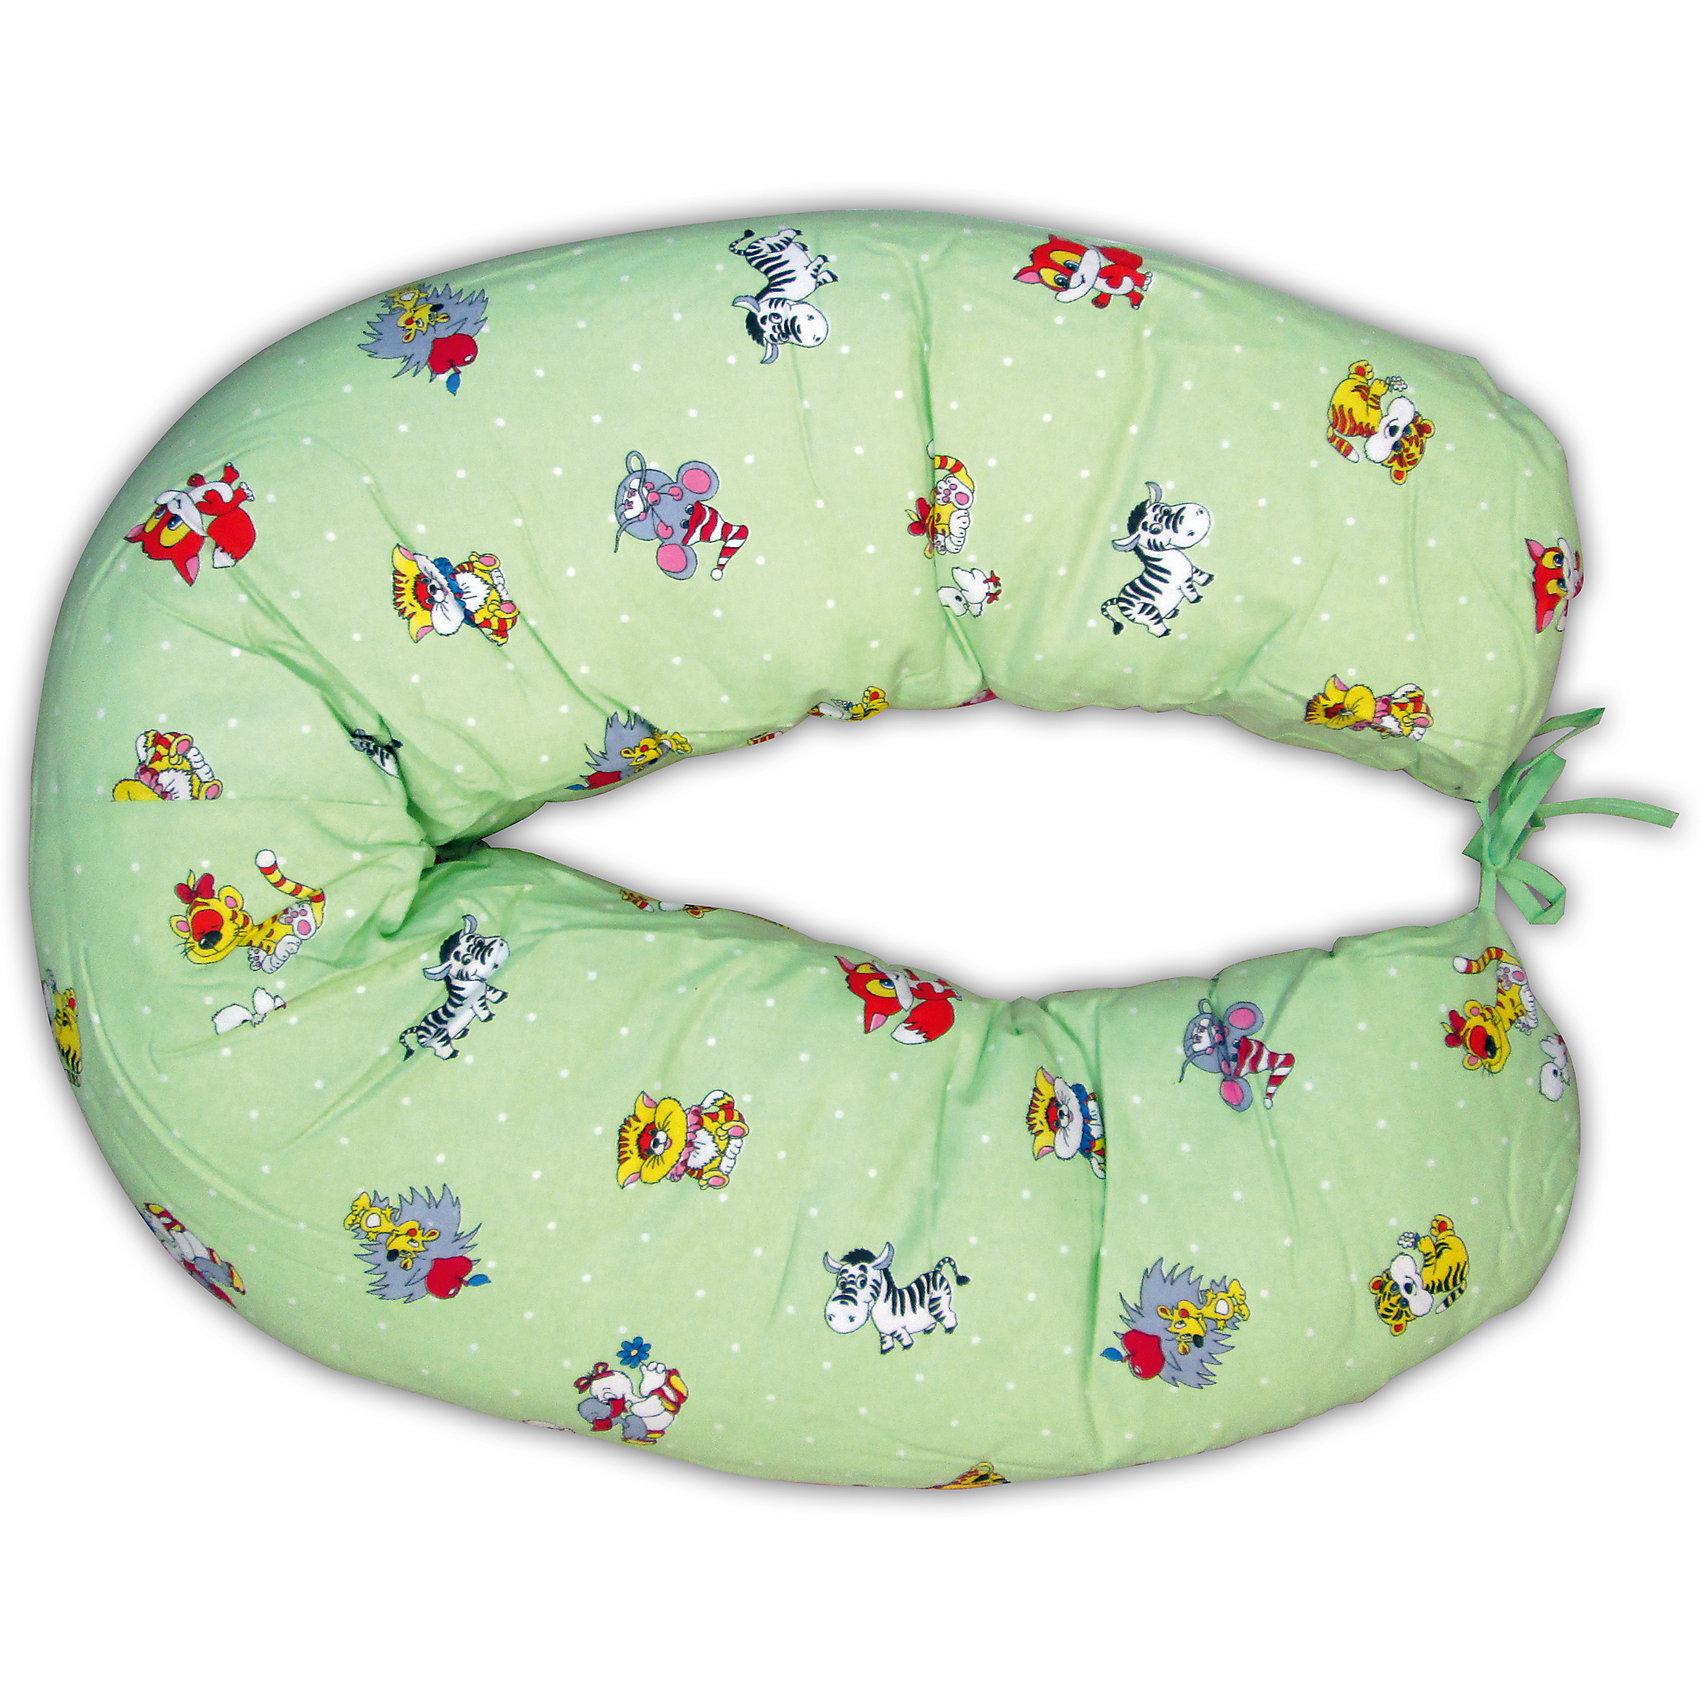 Подушка д/беременных и кормящих женщин, ФЭСТ, зеленыйПодушка многофункциональная ФЭСТ обеспечивает комфорт мамы и малыша.<br>В период беременности её удобно использовать, подкладывая под живот или спину.<br>Для уменьшения нагрузки на спину, плечи, руки и шею во время кормления расположите подушку вокруг талии.<br>Для поддержания ребенка в разных положениях и зашиты его от падения следует поместить малыша в центр подушки.<br>Модель со съёмным чехлом из хлопкового полотна (цвет рисунка может отличаться от представленного на фото).<br>Размер: длина 1500 мм, ширина 250 мм<br><br>Ширина мм: 700<br>Глубина мм: 160<br>Высота мм: 490<br>Вес г: 1220<br>Возраст от месяцев: -2147483648<br>Возраст до месяцев: 2147483647<br>Пол: Женский<br>Возраст: Детский<br>SKU: 4915074